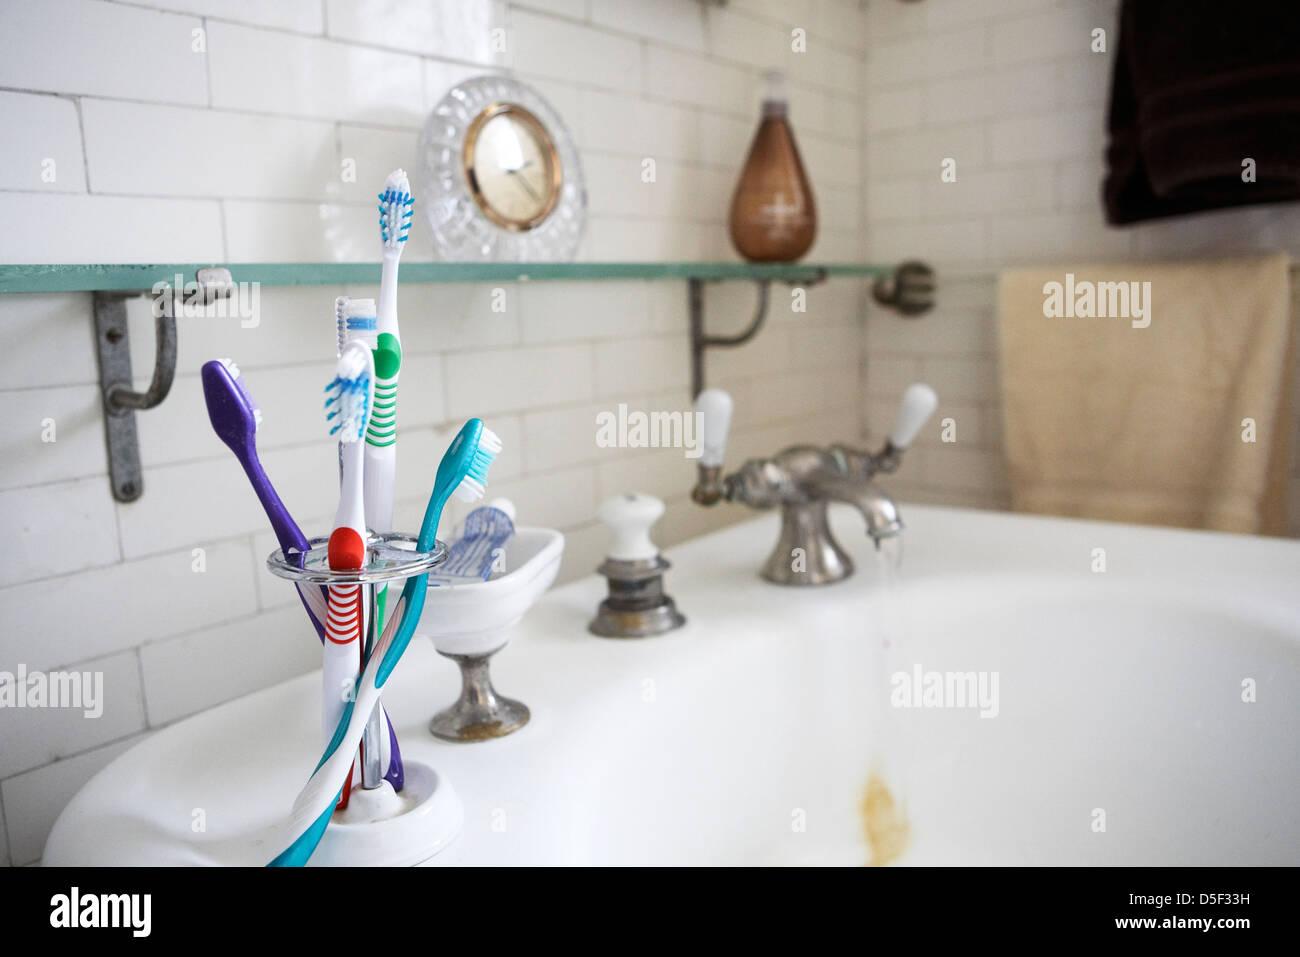 Cepillos de dientes en vintage fregadero Imagen De Stock